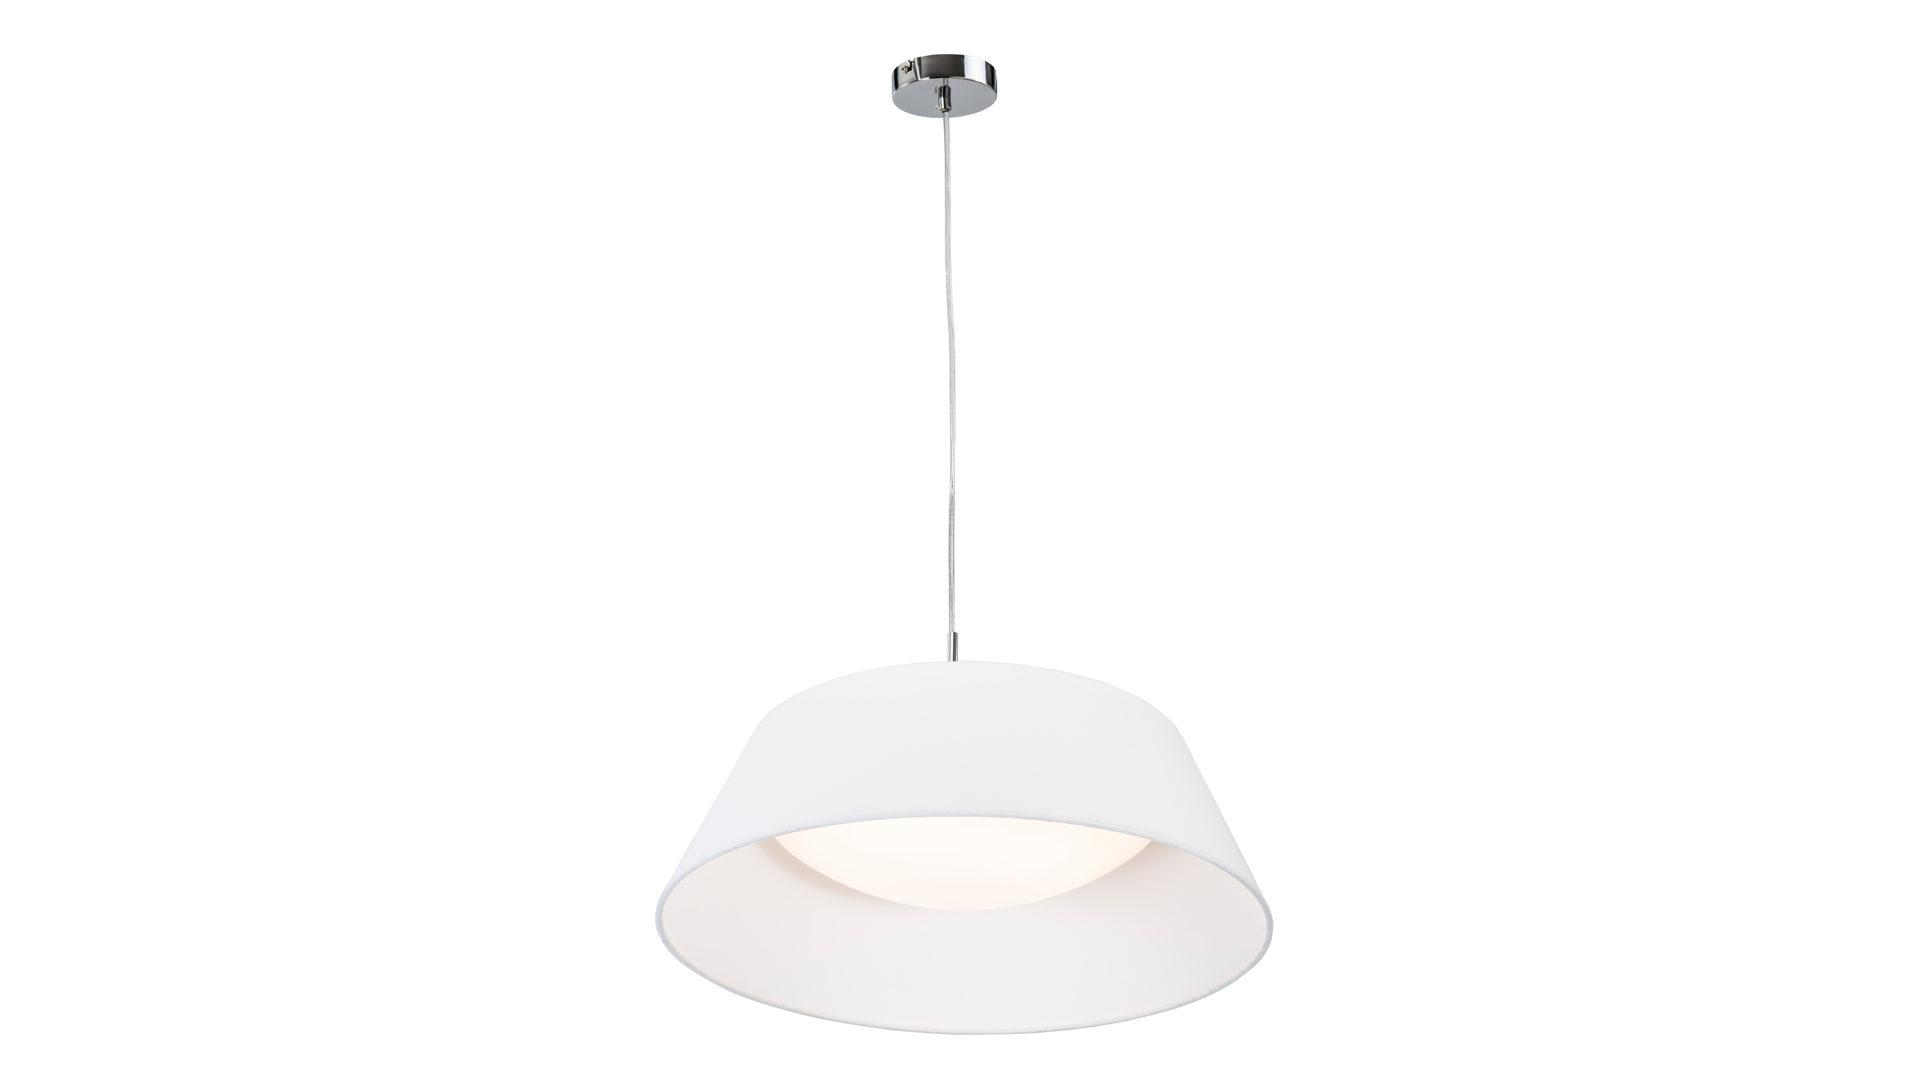 Jobst Wohnwelt Traunreut, Räume, Esszimmer, Lampen + Leuchten, LED Pendelleuchte,  LED Pendelleuchte Leya, Weiß U0026 Weiß U2013 Durchmesser Ca. 55 Cm